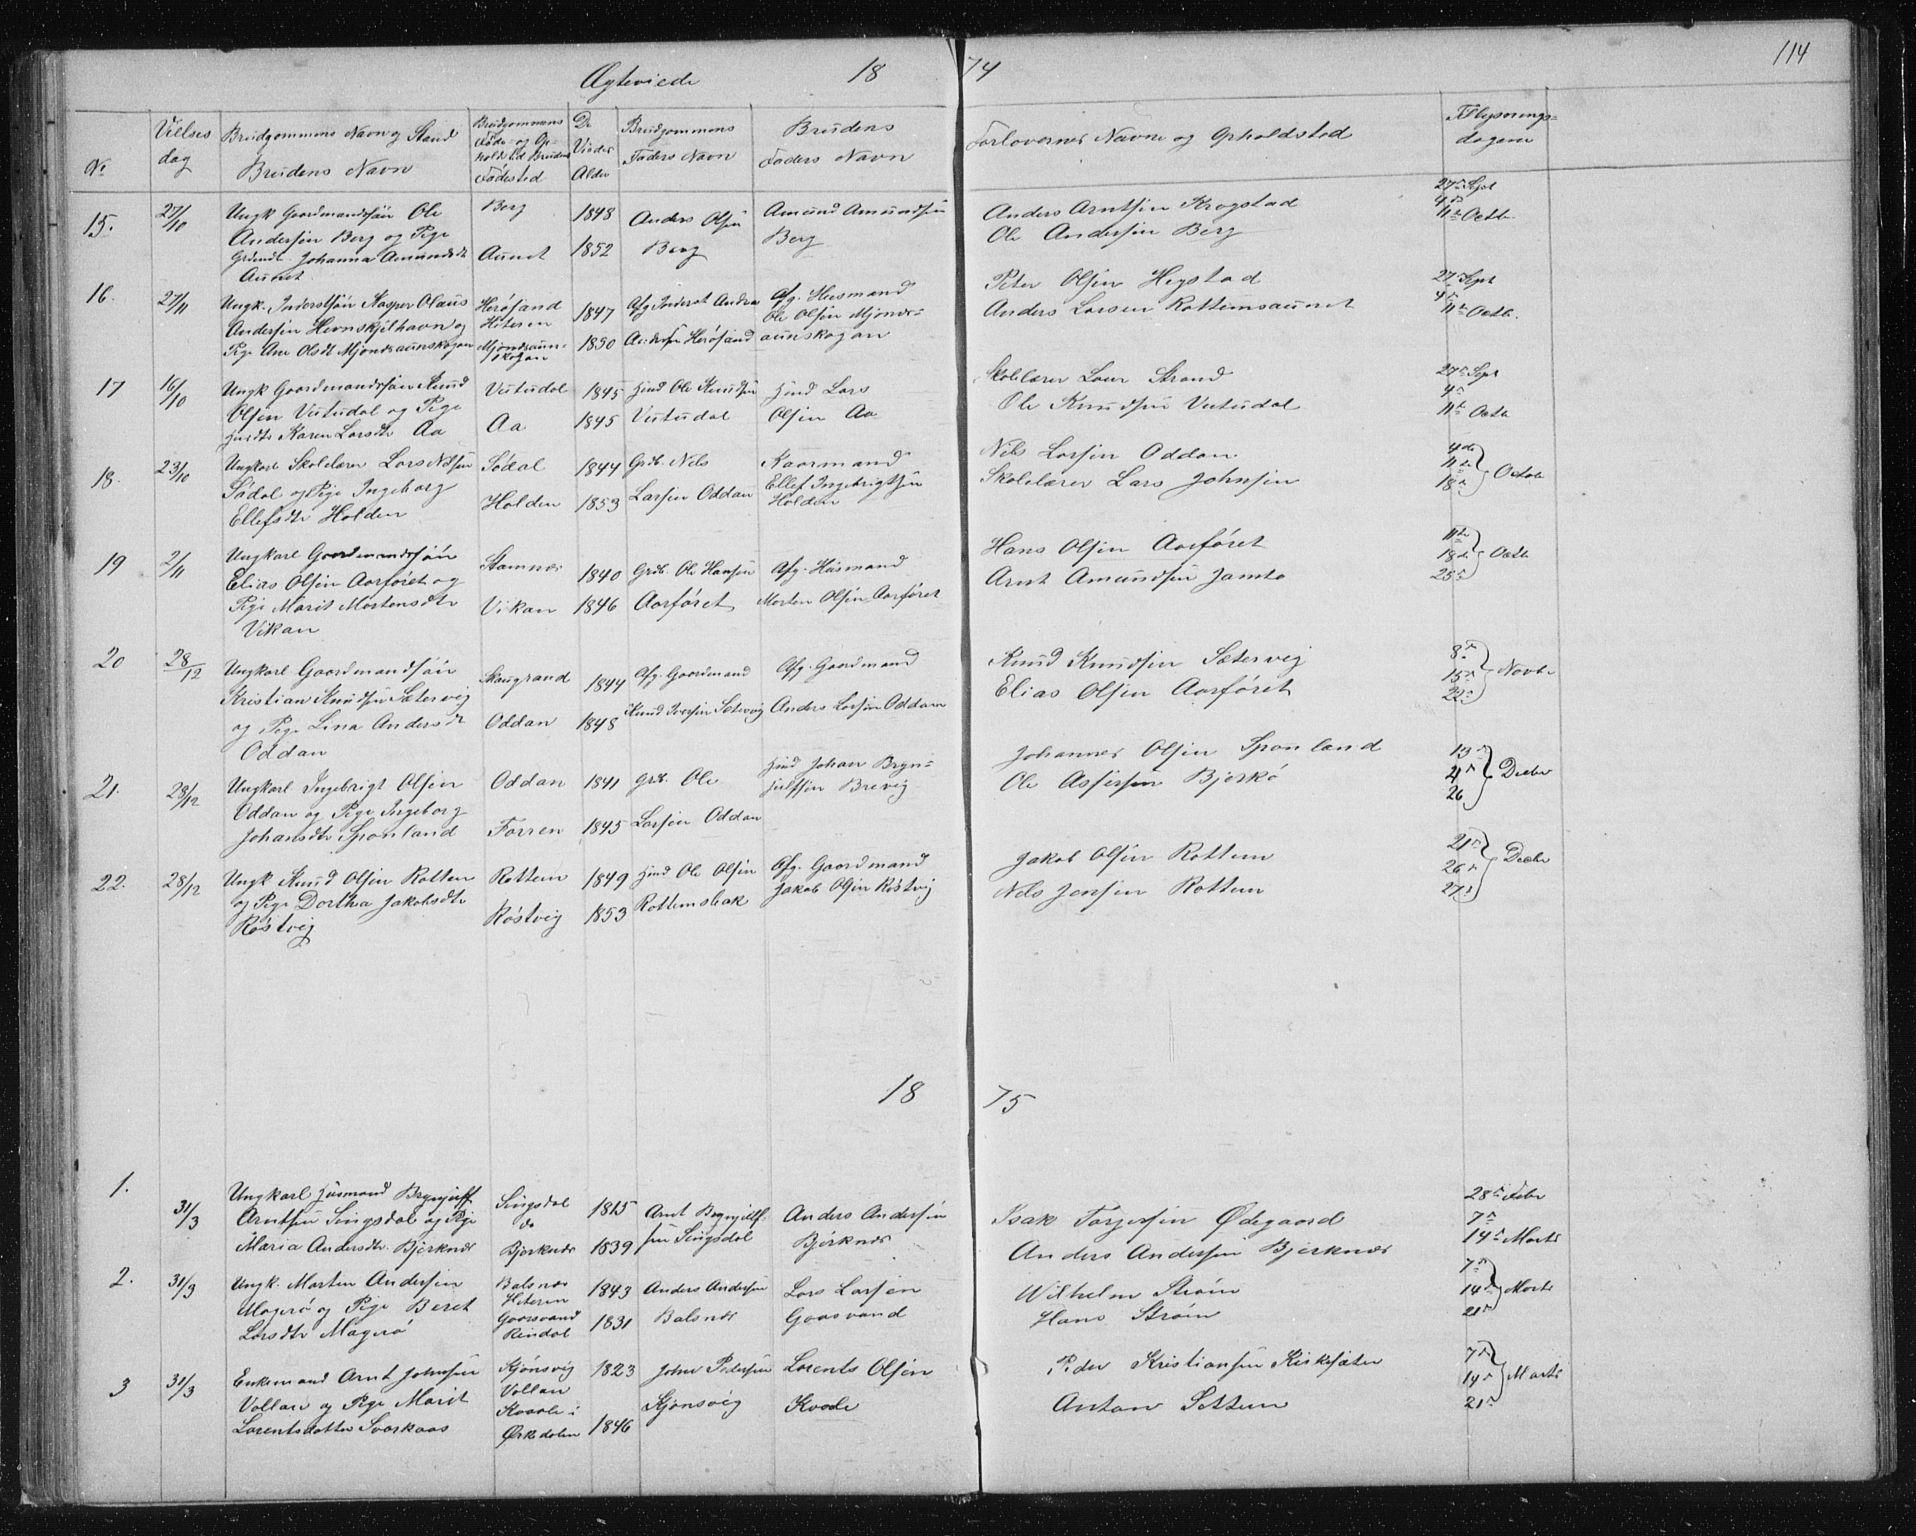 SAT, Ministerialprotokoller, klokkerbøker og fødselsregistre - Sør-Trøndelag, 630/L0503: Klokkerbok nr. 630C01, 1869-1878, s. 114